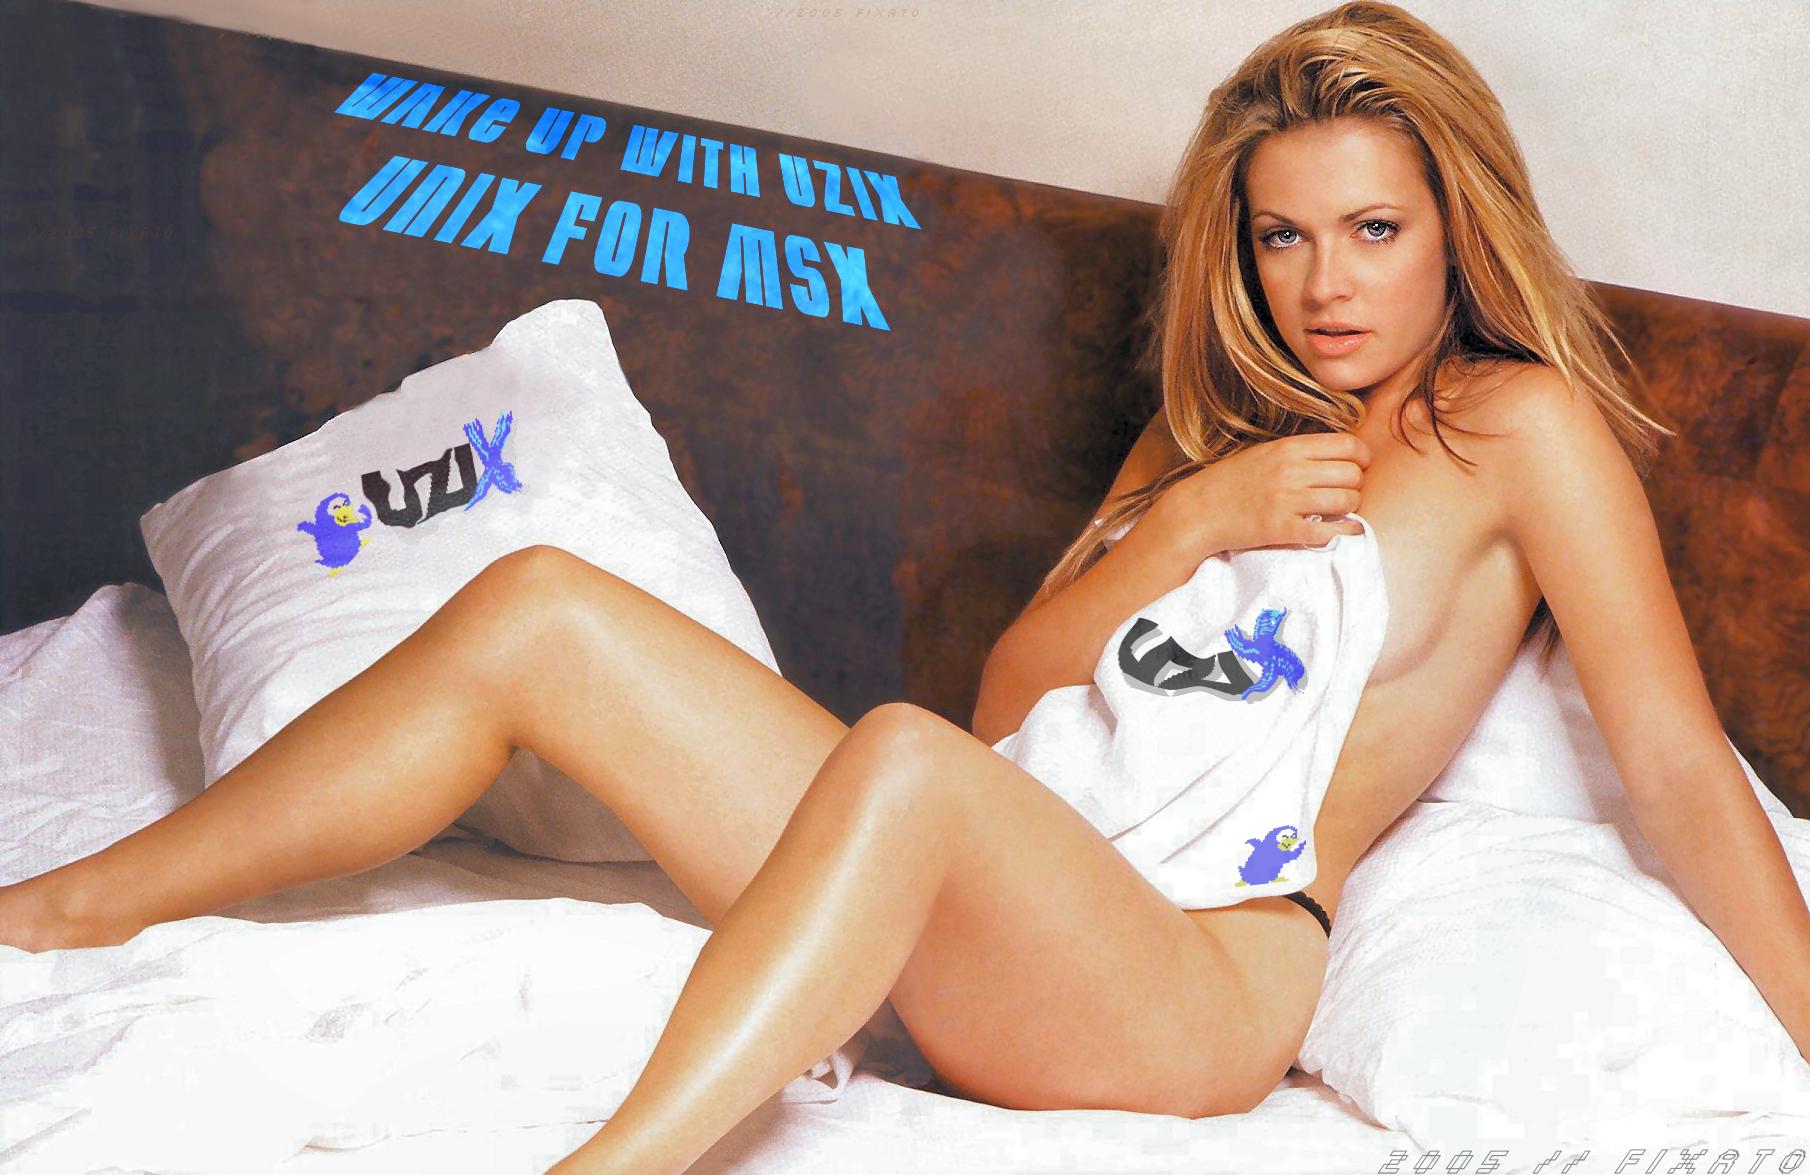 Suzanne fields vintage porn